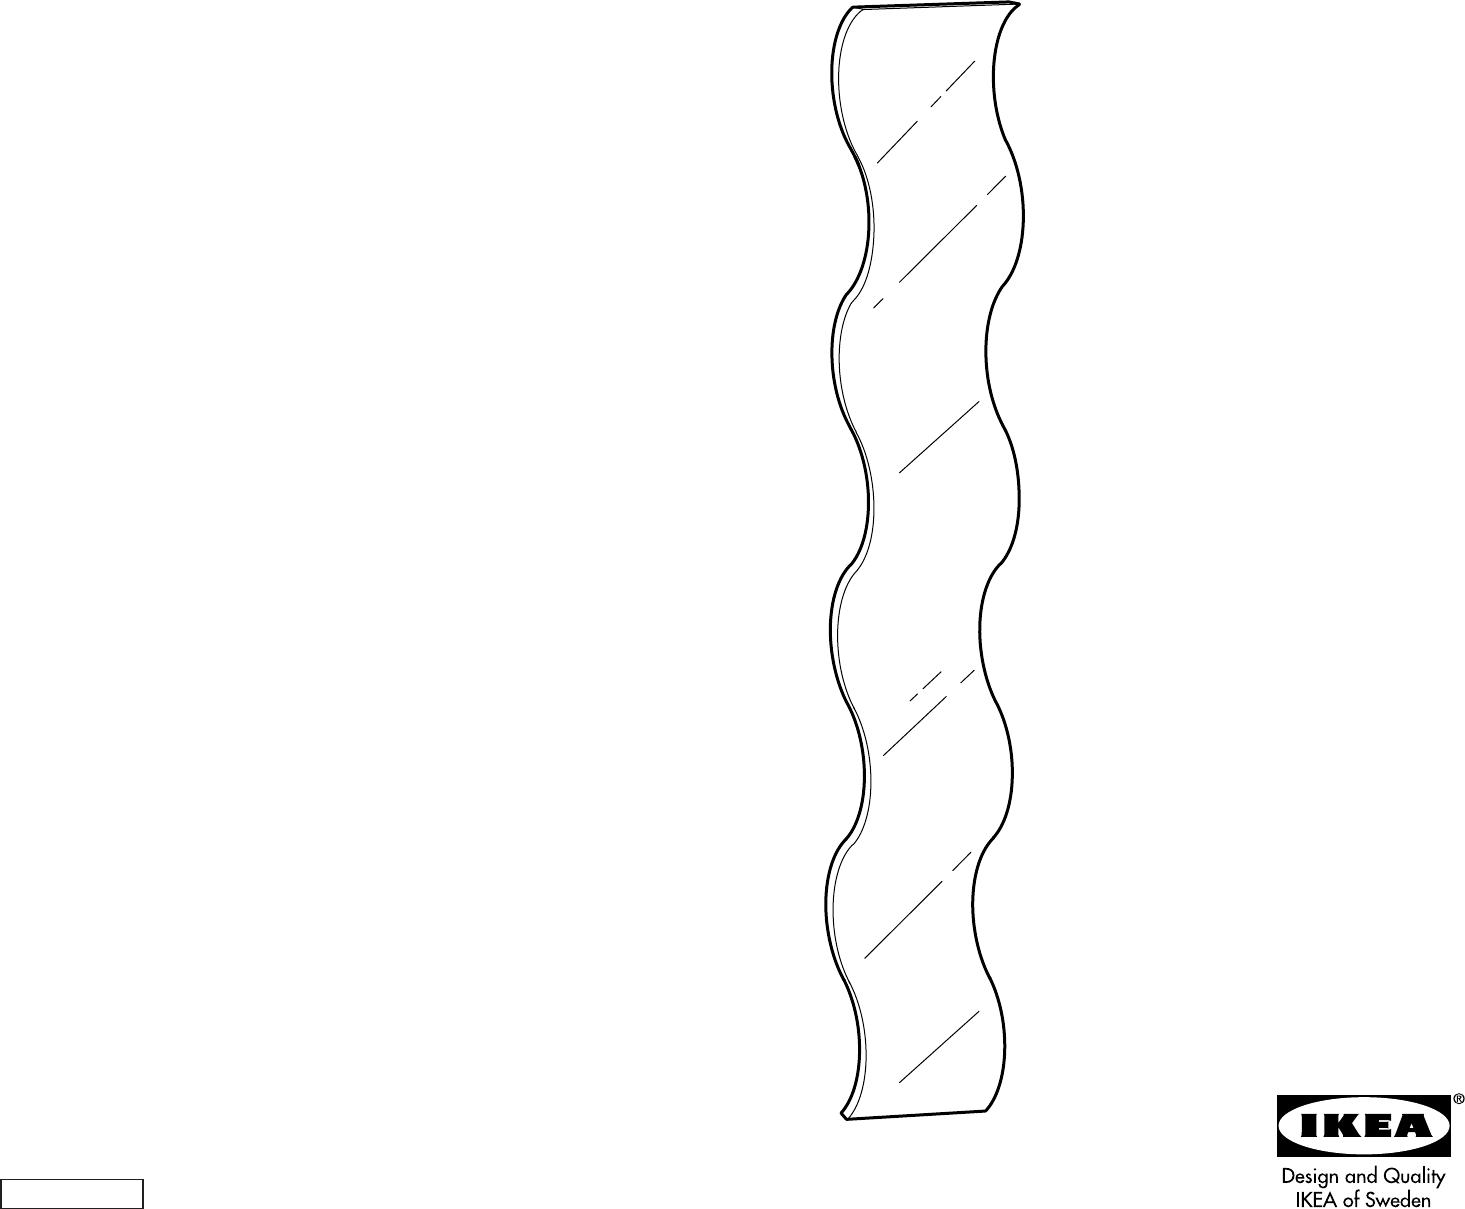 Ikea Spiegel handleiding ikea krabb spiegel pagina 1 4 dansk